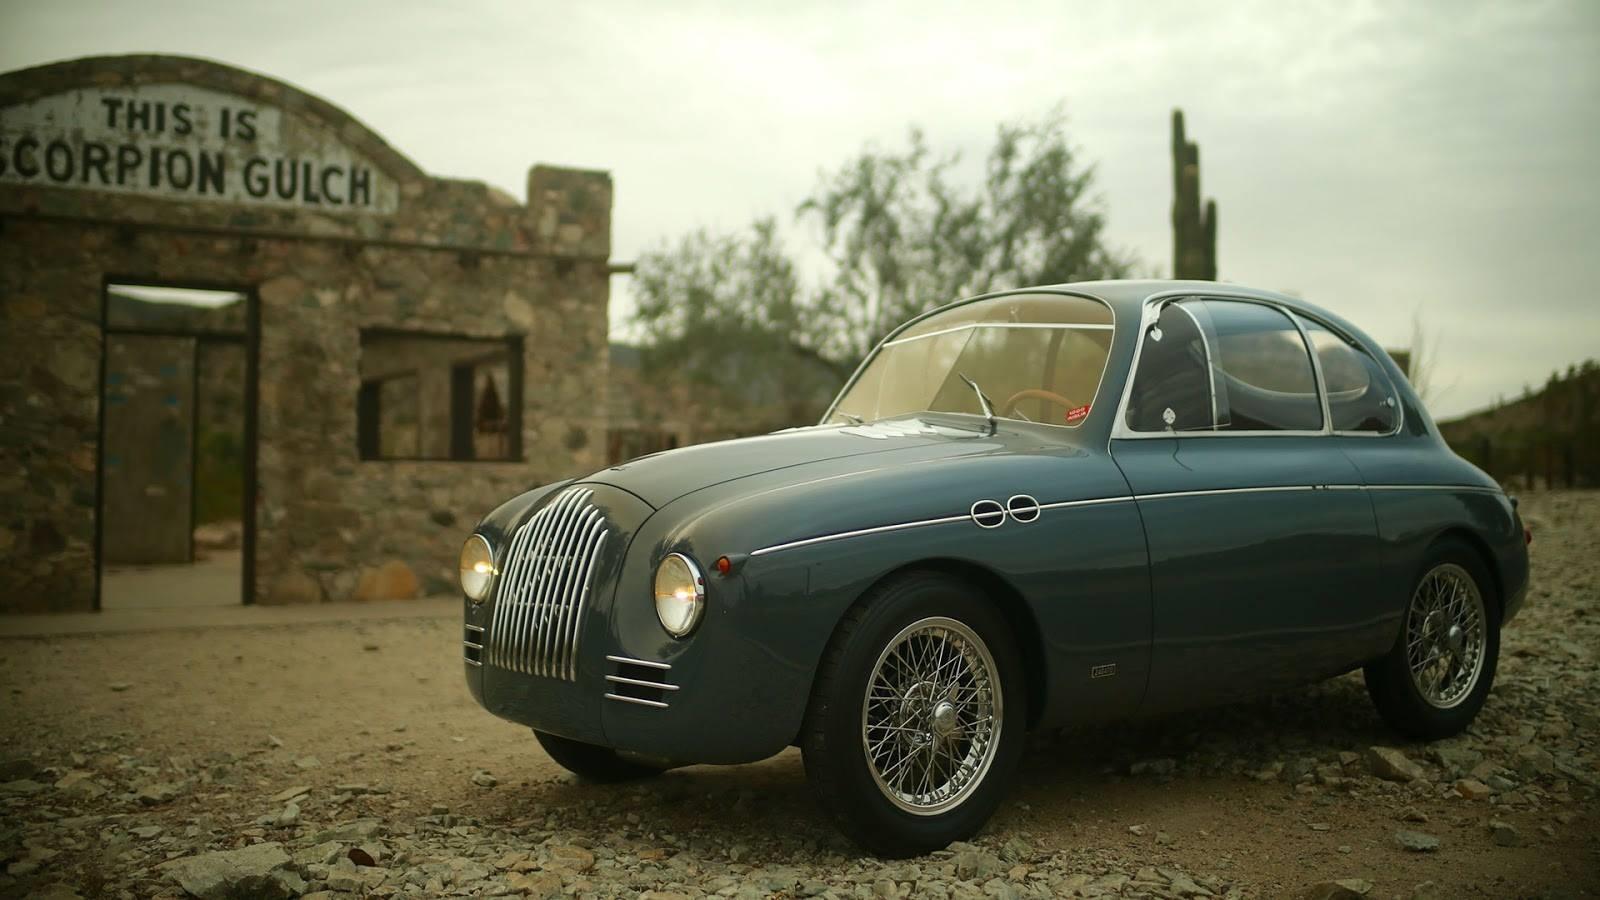 Fiat-Topolino-750ММ-Zagato-GT-1949--